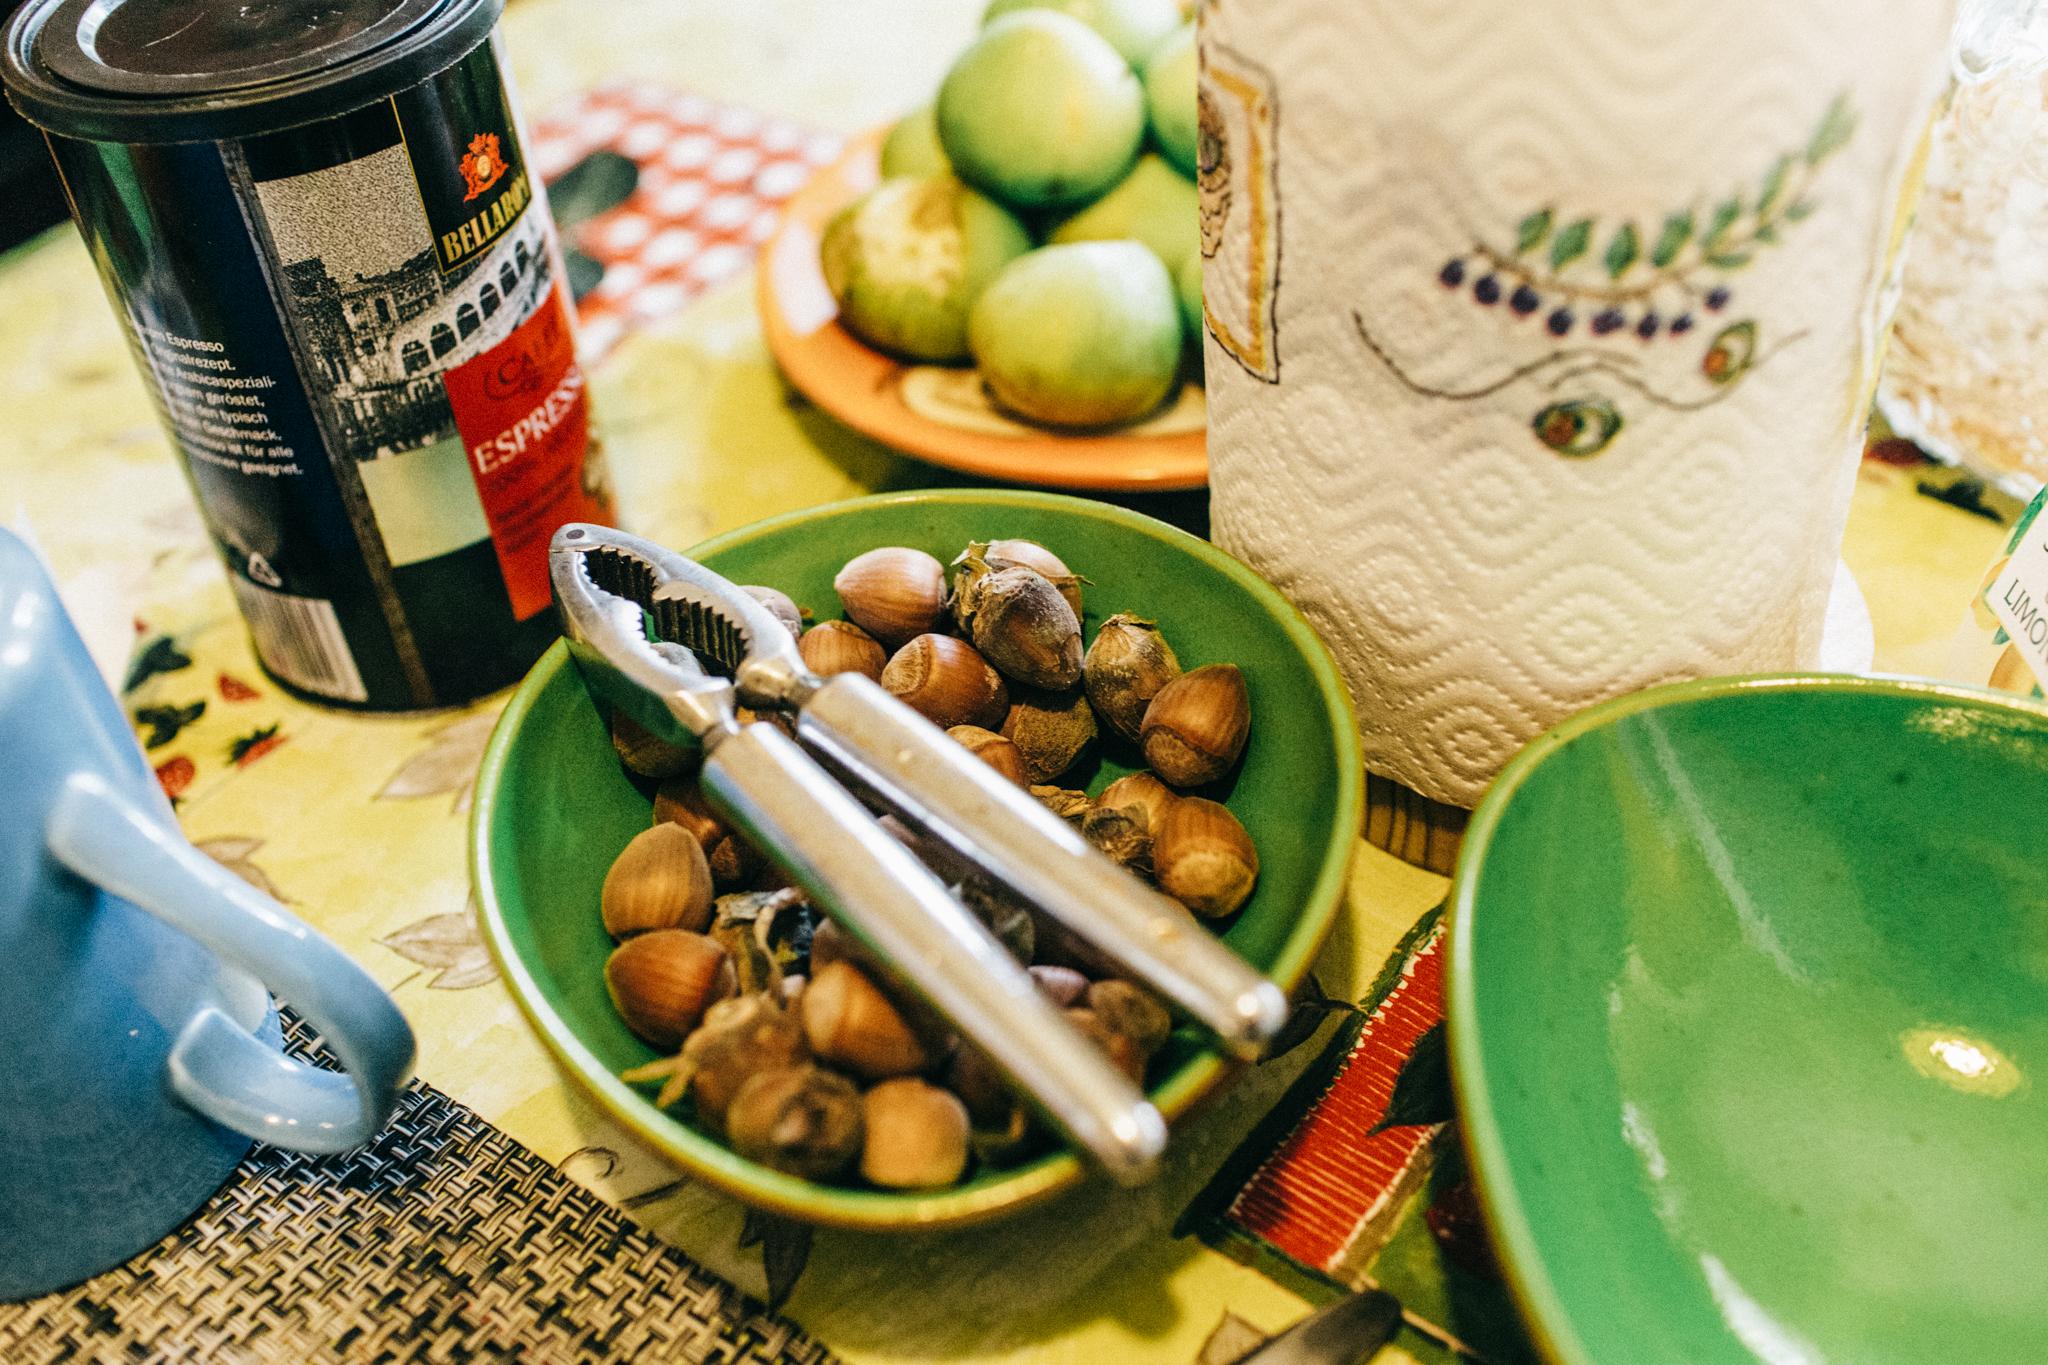 Projeto_Food & Drink-27.jpg